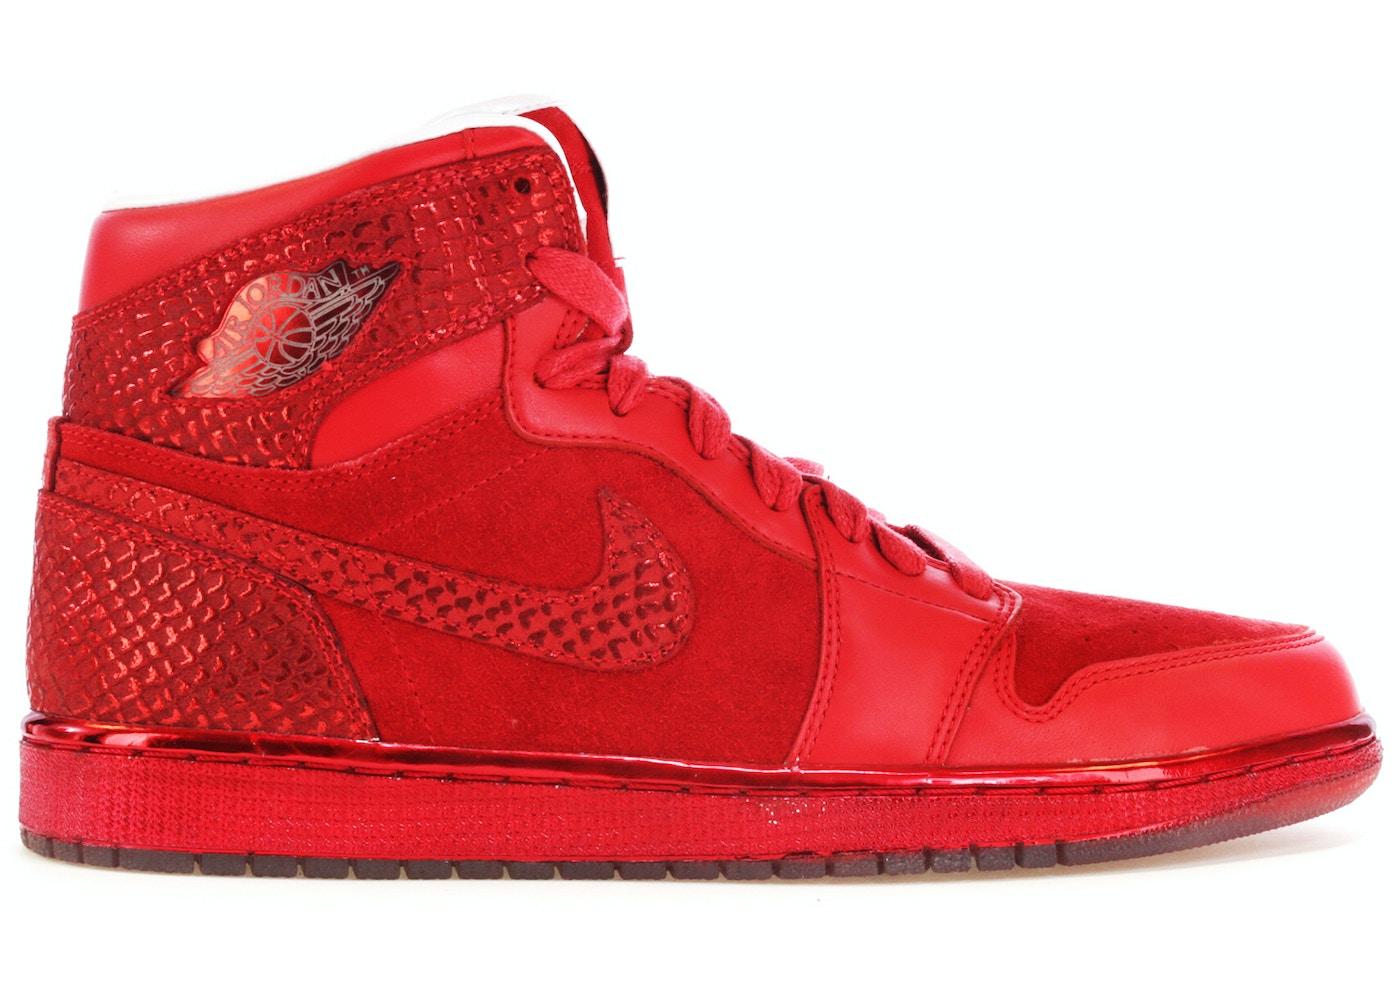 45d5c7a5698761 Air Jordan Shoes - Average Sale Price